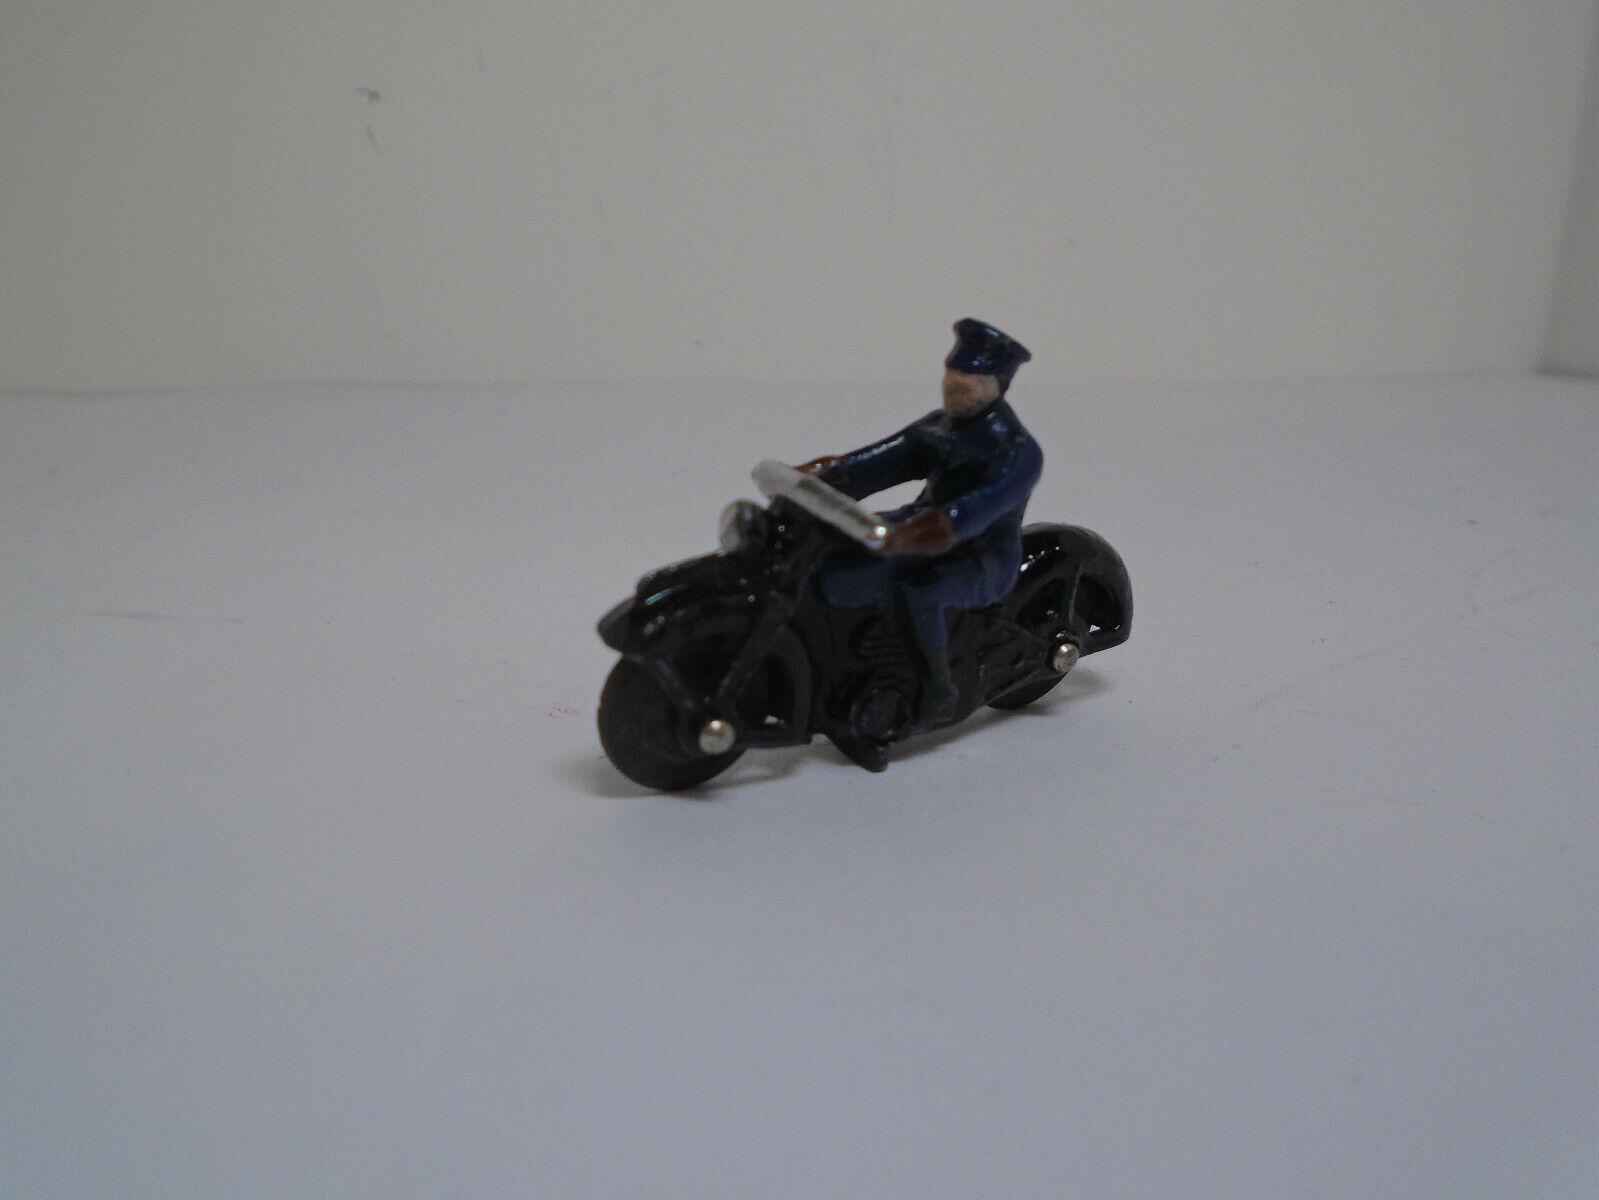 Meccano Dinky Juguetes  37B-G versión 3, 1946 reformado.. casi como nuevo policía motociclista.